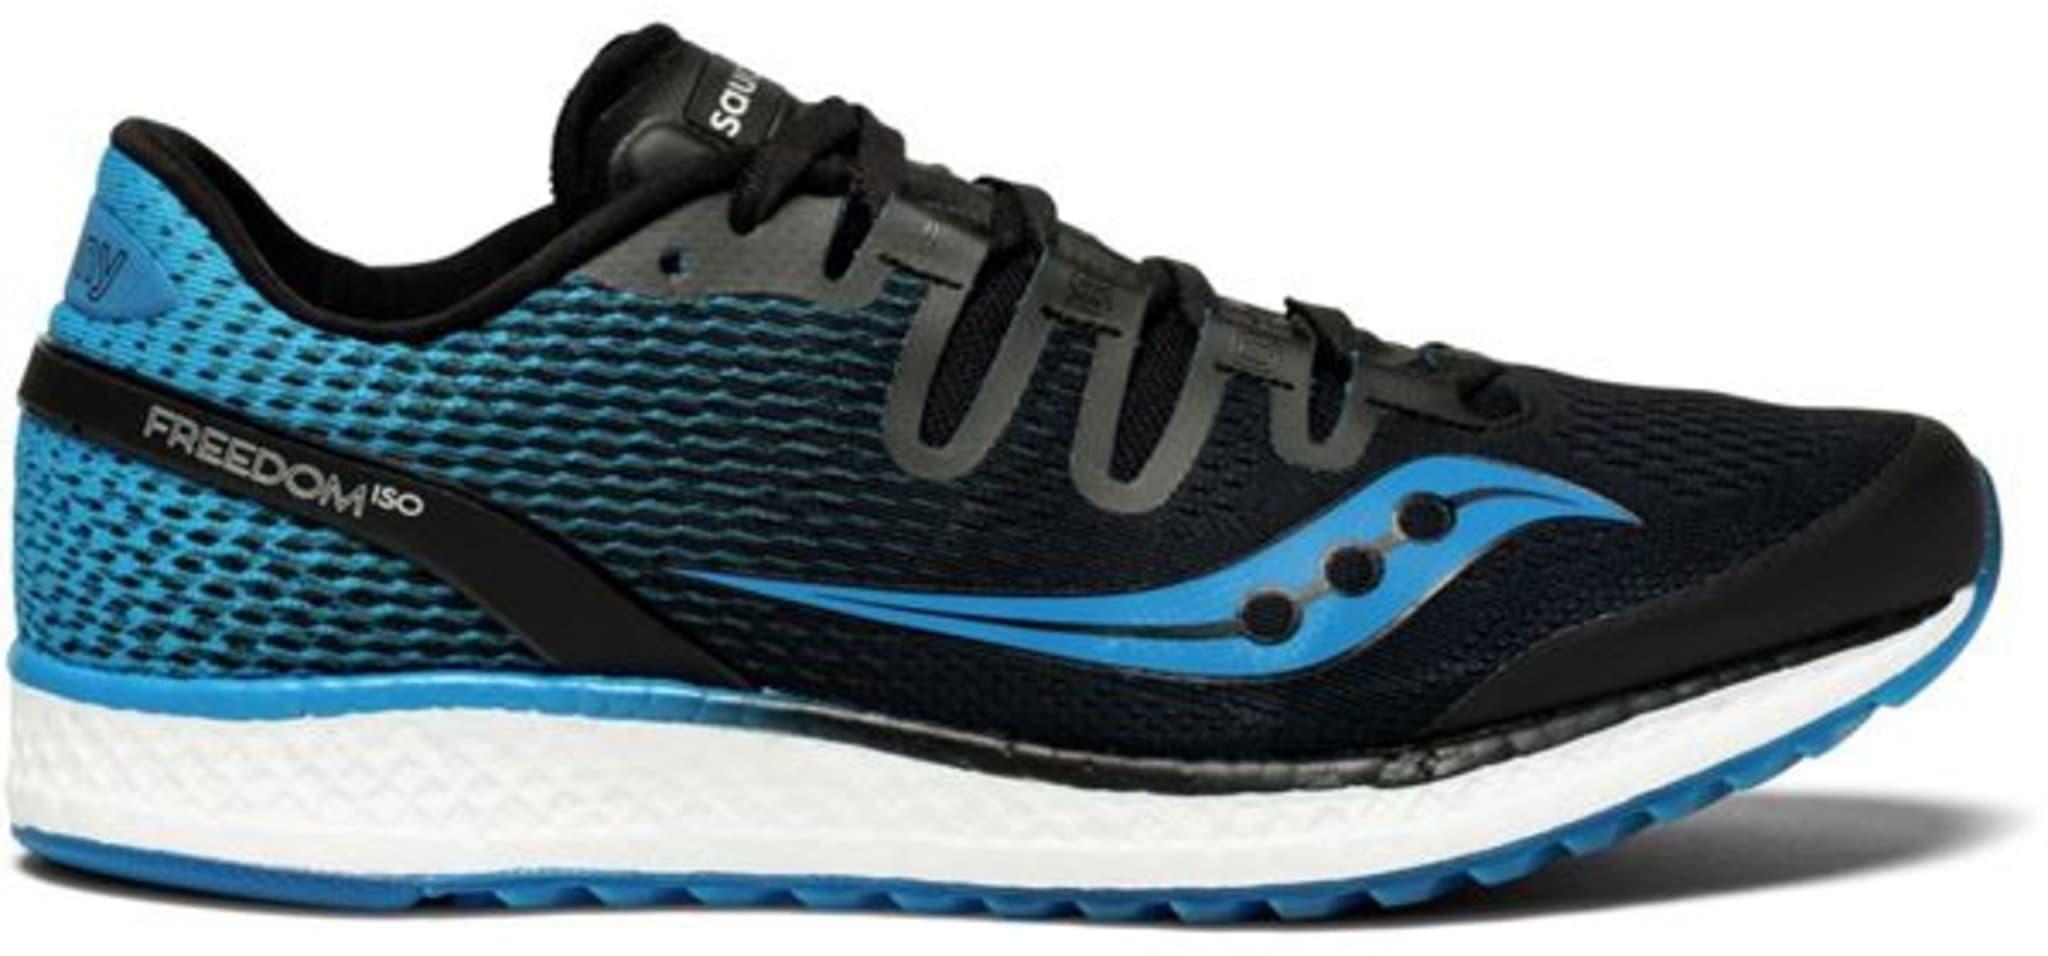 Den første skoen fra Saucony med full mellomsåle av EVERUN som gir enda mer energiretur, mer respons, mer demping